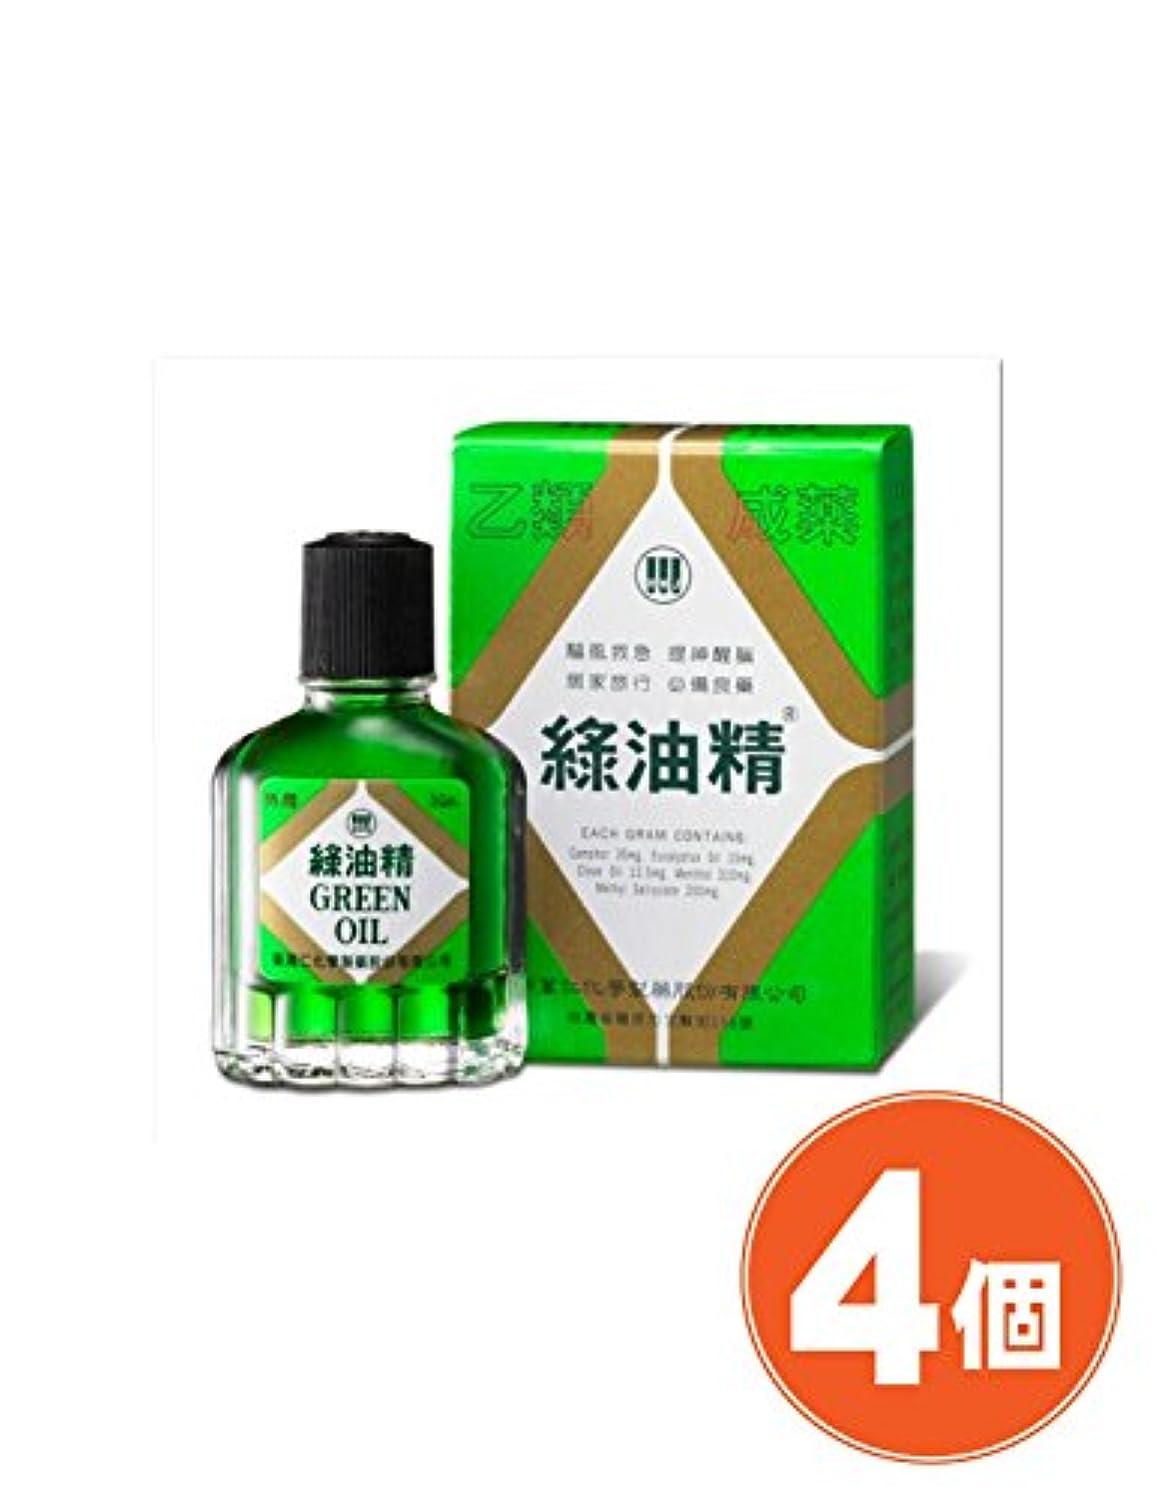 危機不良底《新萬仁》台湾の万能グリーンオイル 緑油精 3g ×4個 《台湾 お土産》 [並行輸入品]